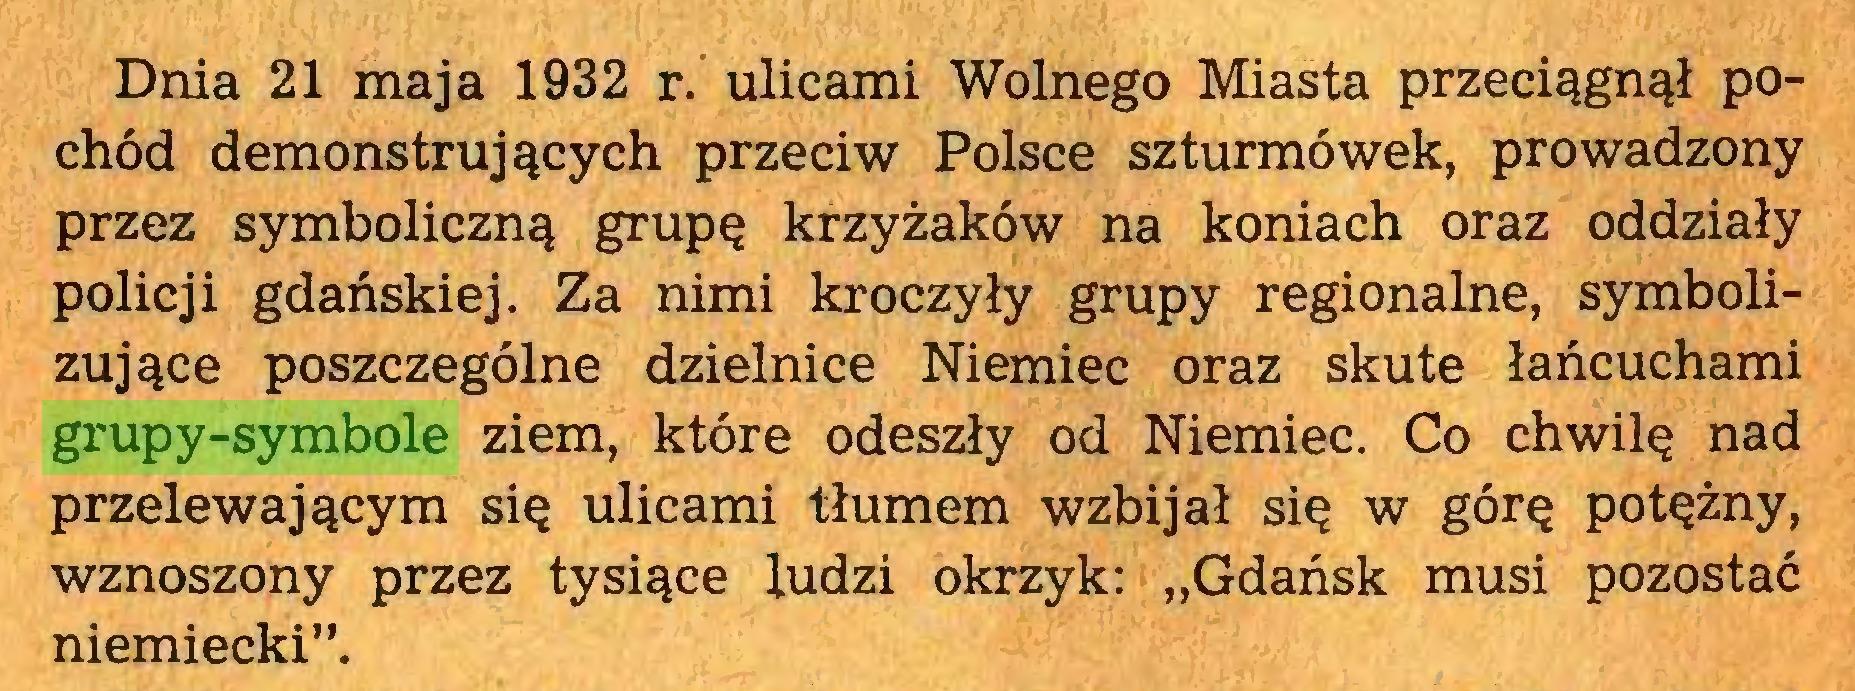 """(...) Dnia 21 maja 1932 r. ulicami Wolnego Miasta przeciągnął pochód demonstrujących przeciw Polsce szturmówek, prowadzony przez symboliczną grupę krzyżaków na koniach oraz oddziały policji gdańskiej. Za nimi kroczyły grupy regionalne, symbolizujące poszczególne dzielnice Niemiec oraz skute łańcuchami grupy-symbole ziem, które odeszły od Niemiec. Co chwilę nad przelewającym się ulicami tłumem wzbijał się w górę potężny, wznoszony przez tysiące ludzi okrzyk: """"Gdańsk musi pozostać niemiecki""""..."""